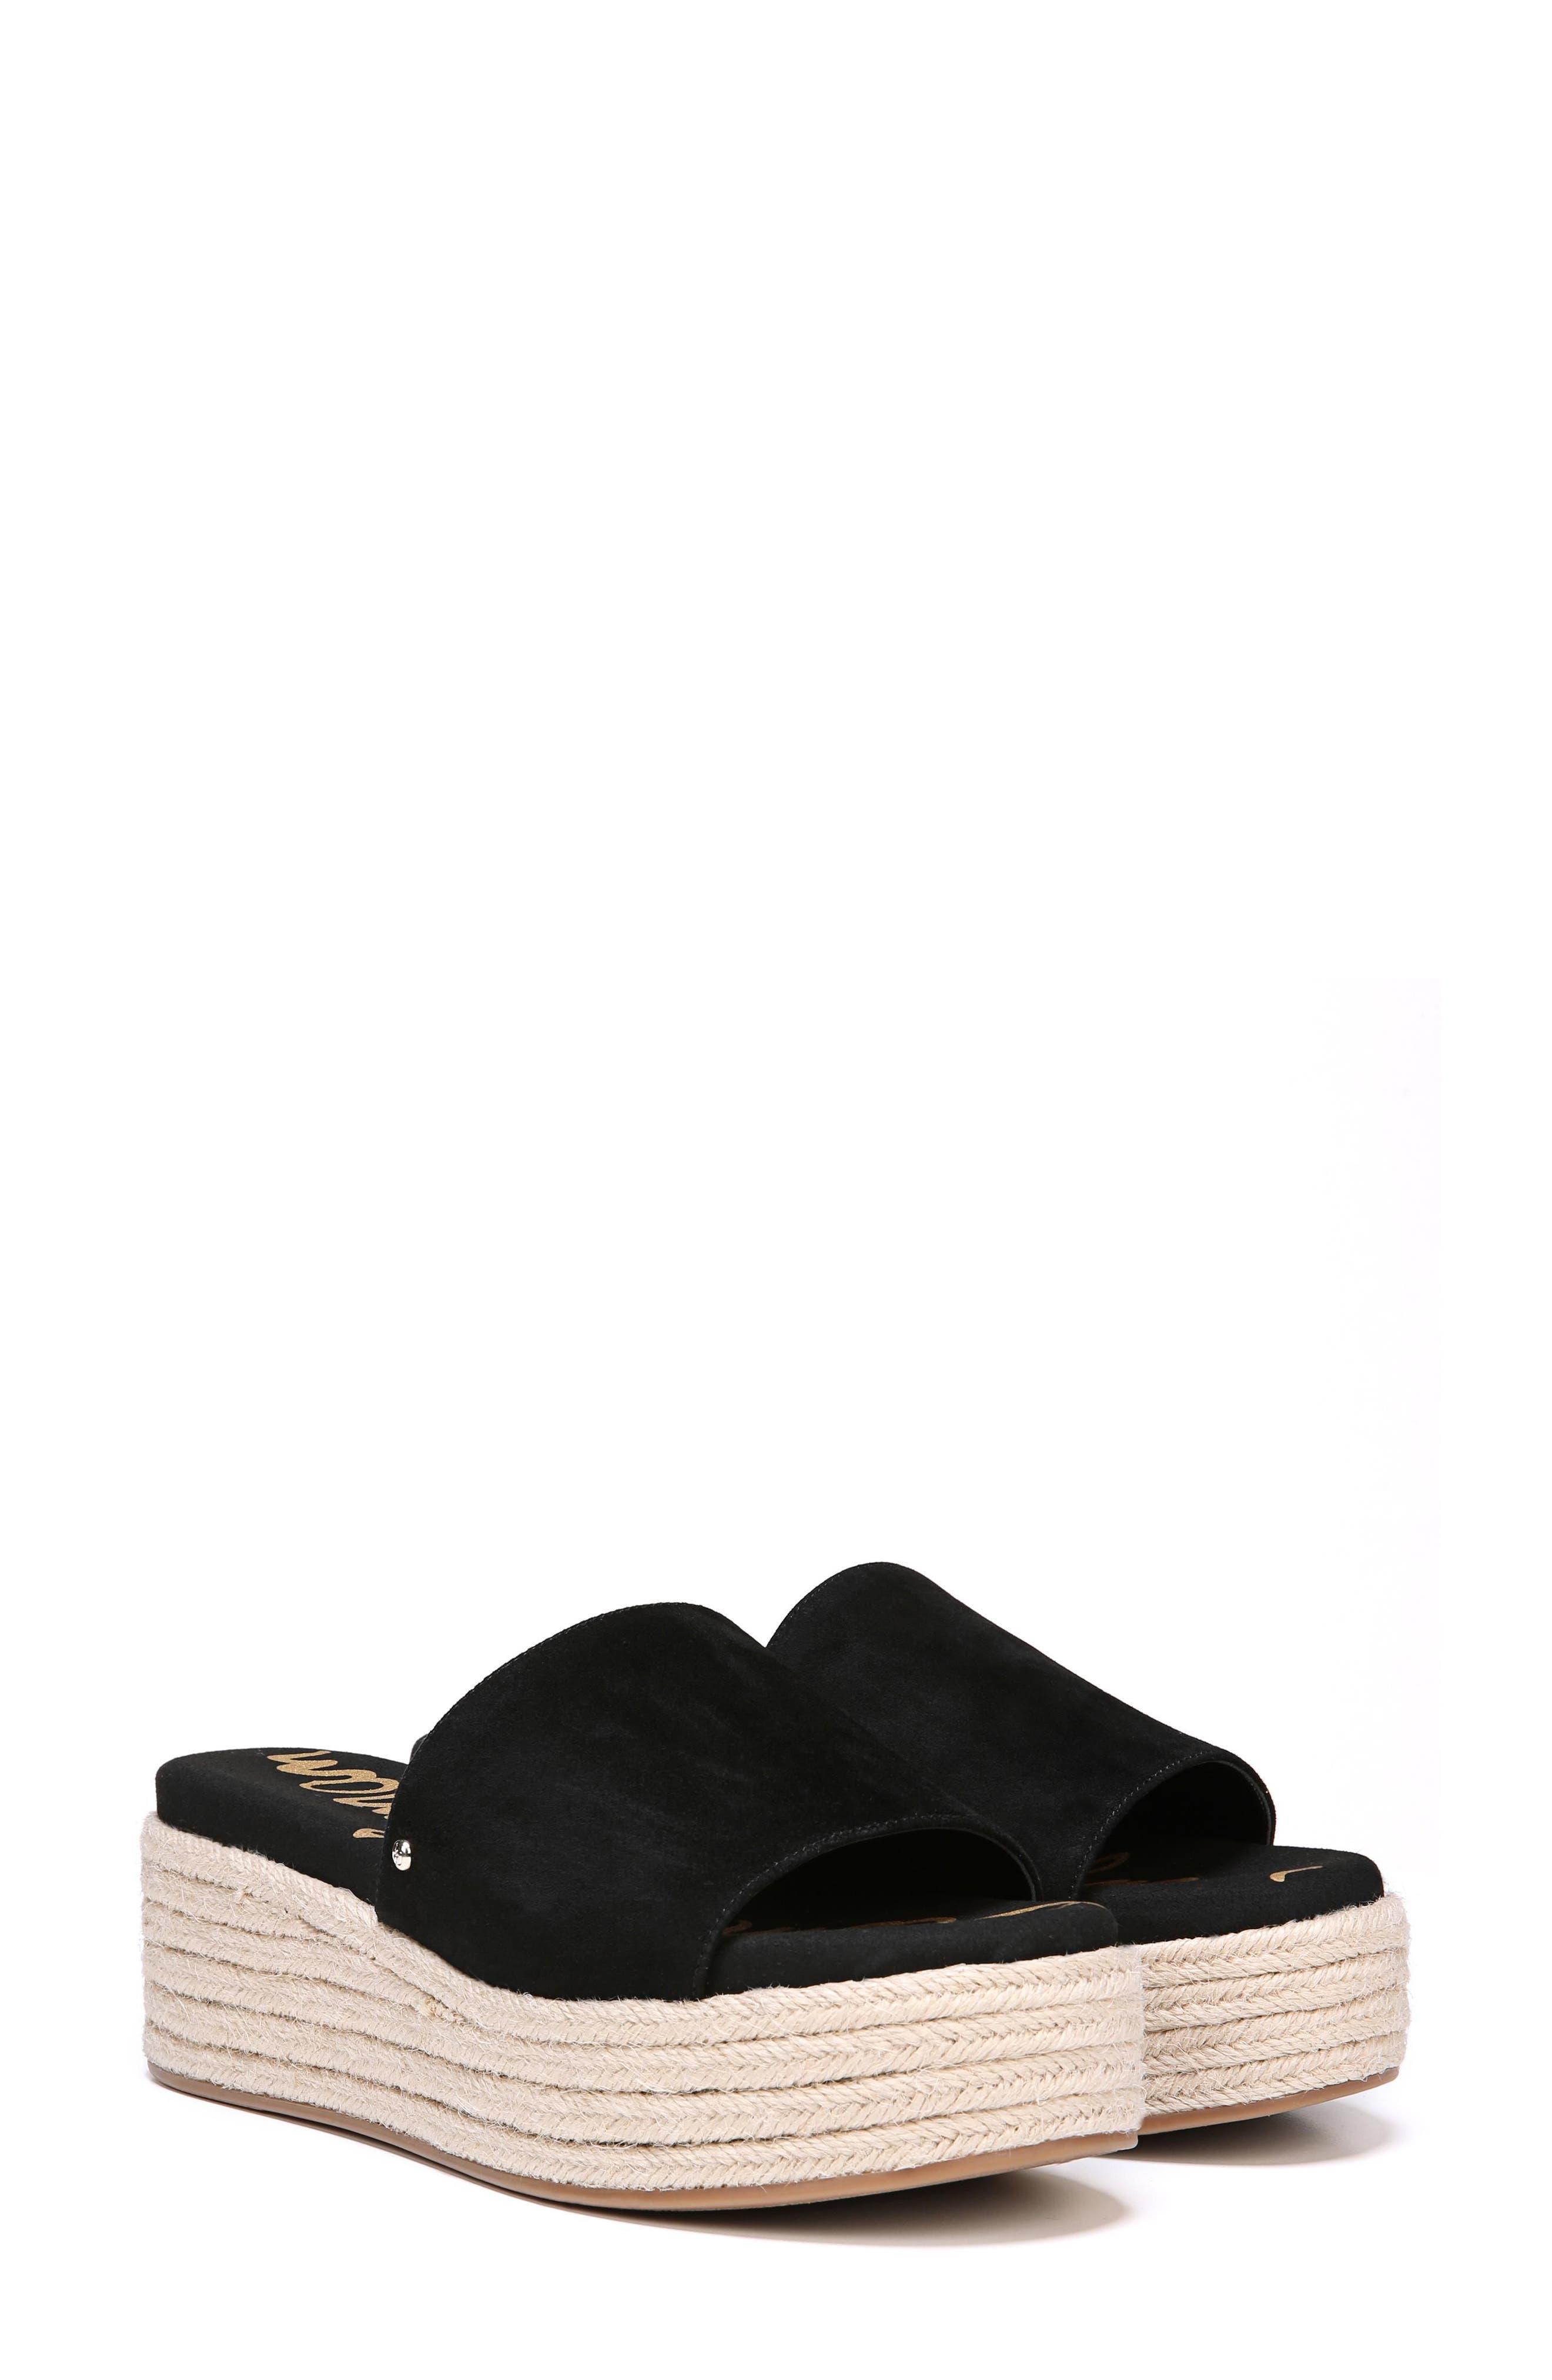 Weslee Platform Slide Sandal,                             Alternate thumbnail 7, color,                             BLACK SUEDE